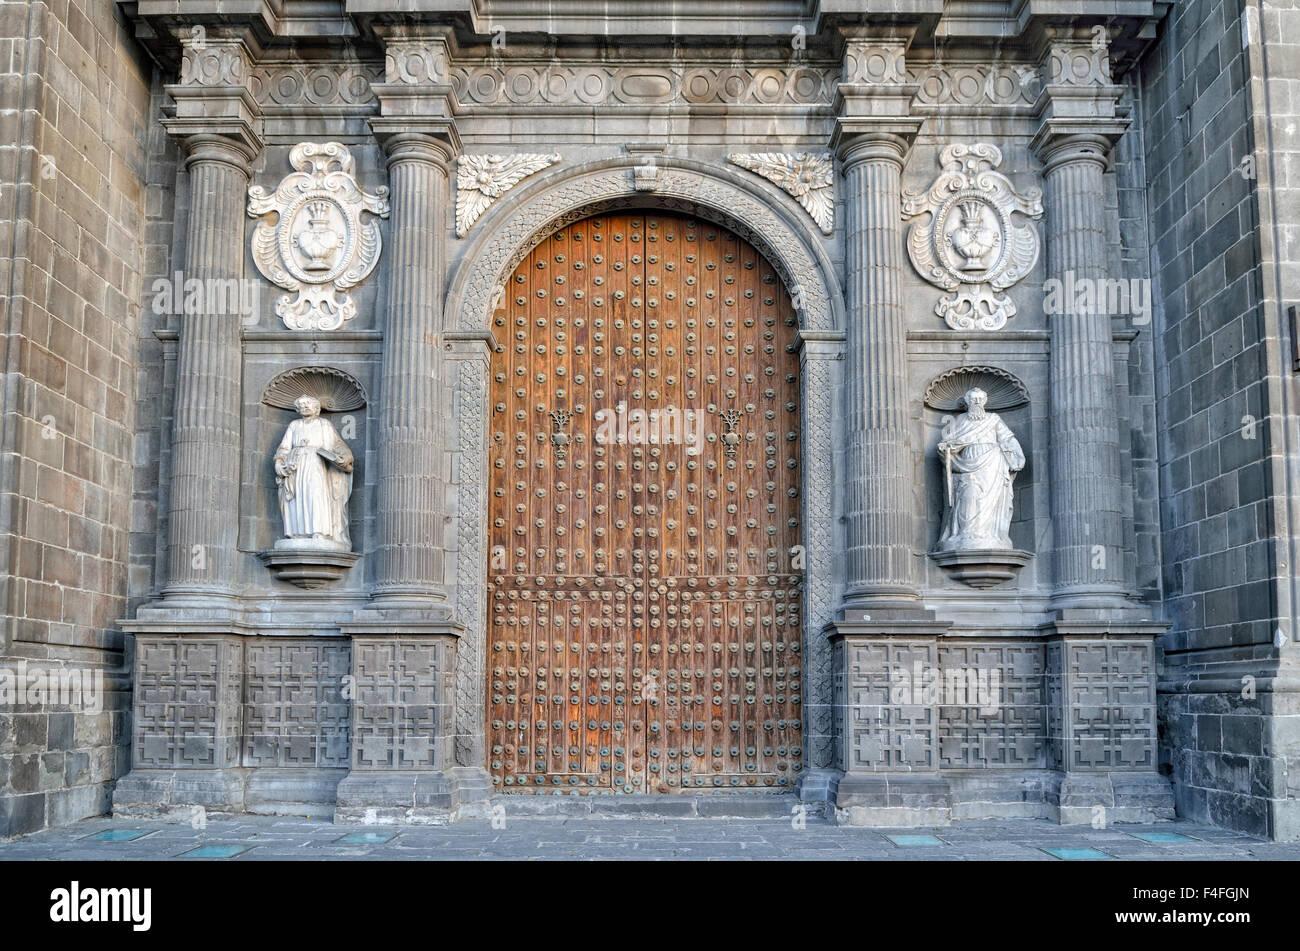 Main portal of the cathedral, Heroica Puebla de Zaragoza, Puebla, Mexico - Stock Image